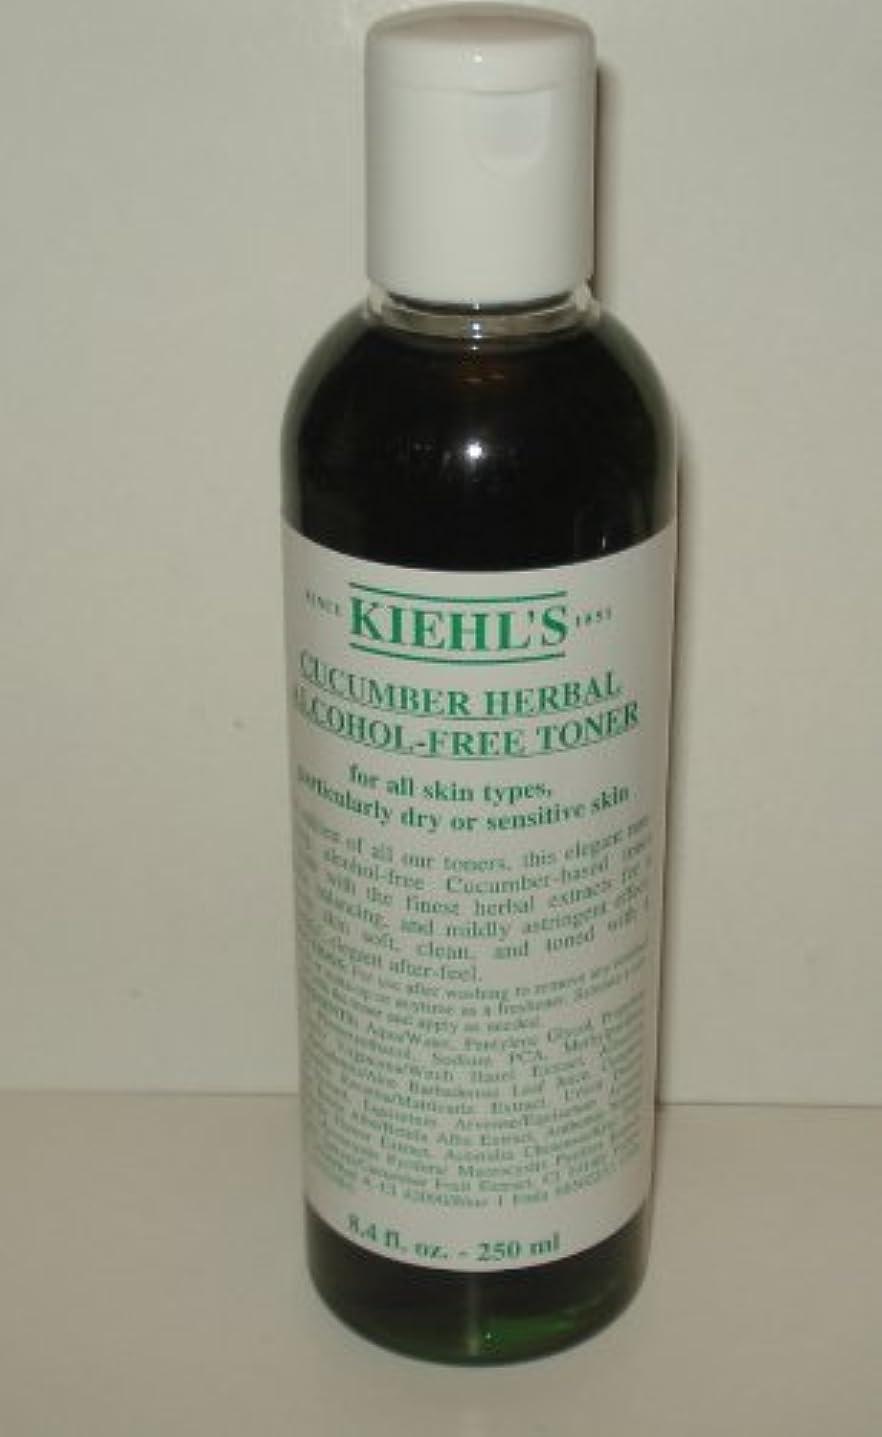 噛むスラム呼吸キールズ ハーバルトナー CUB アルコールフリー250ml(並行輸入品)